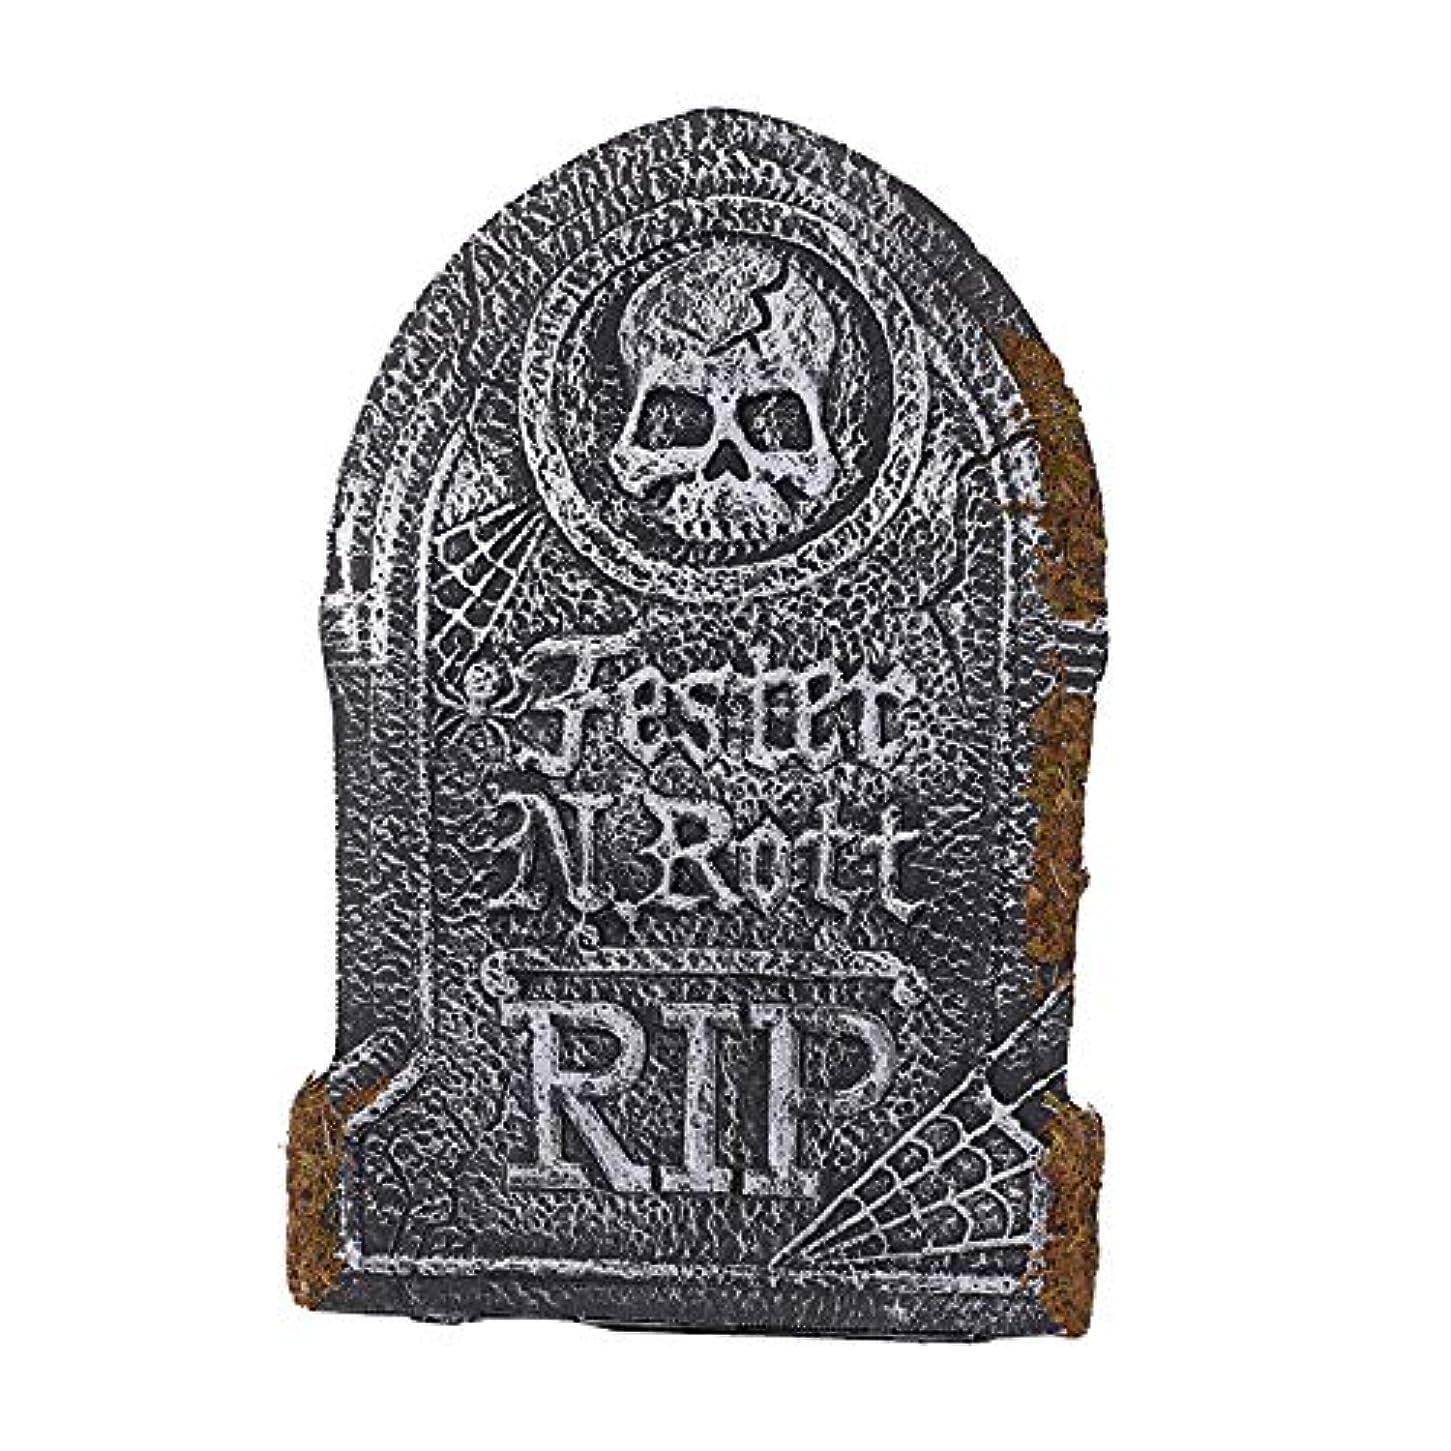 酸つぶやきそこETRRUU HOME 三次元墓石ハロウィーン怖いトリッキーな装飾バーKTホラー雰囲気の装飾写真の小道具